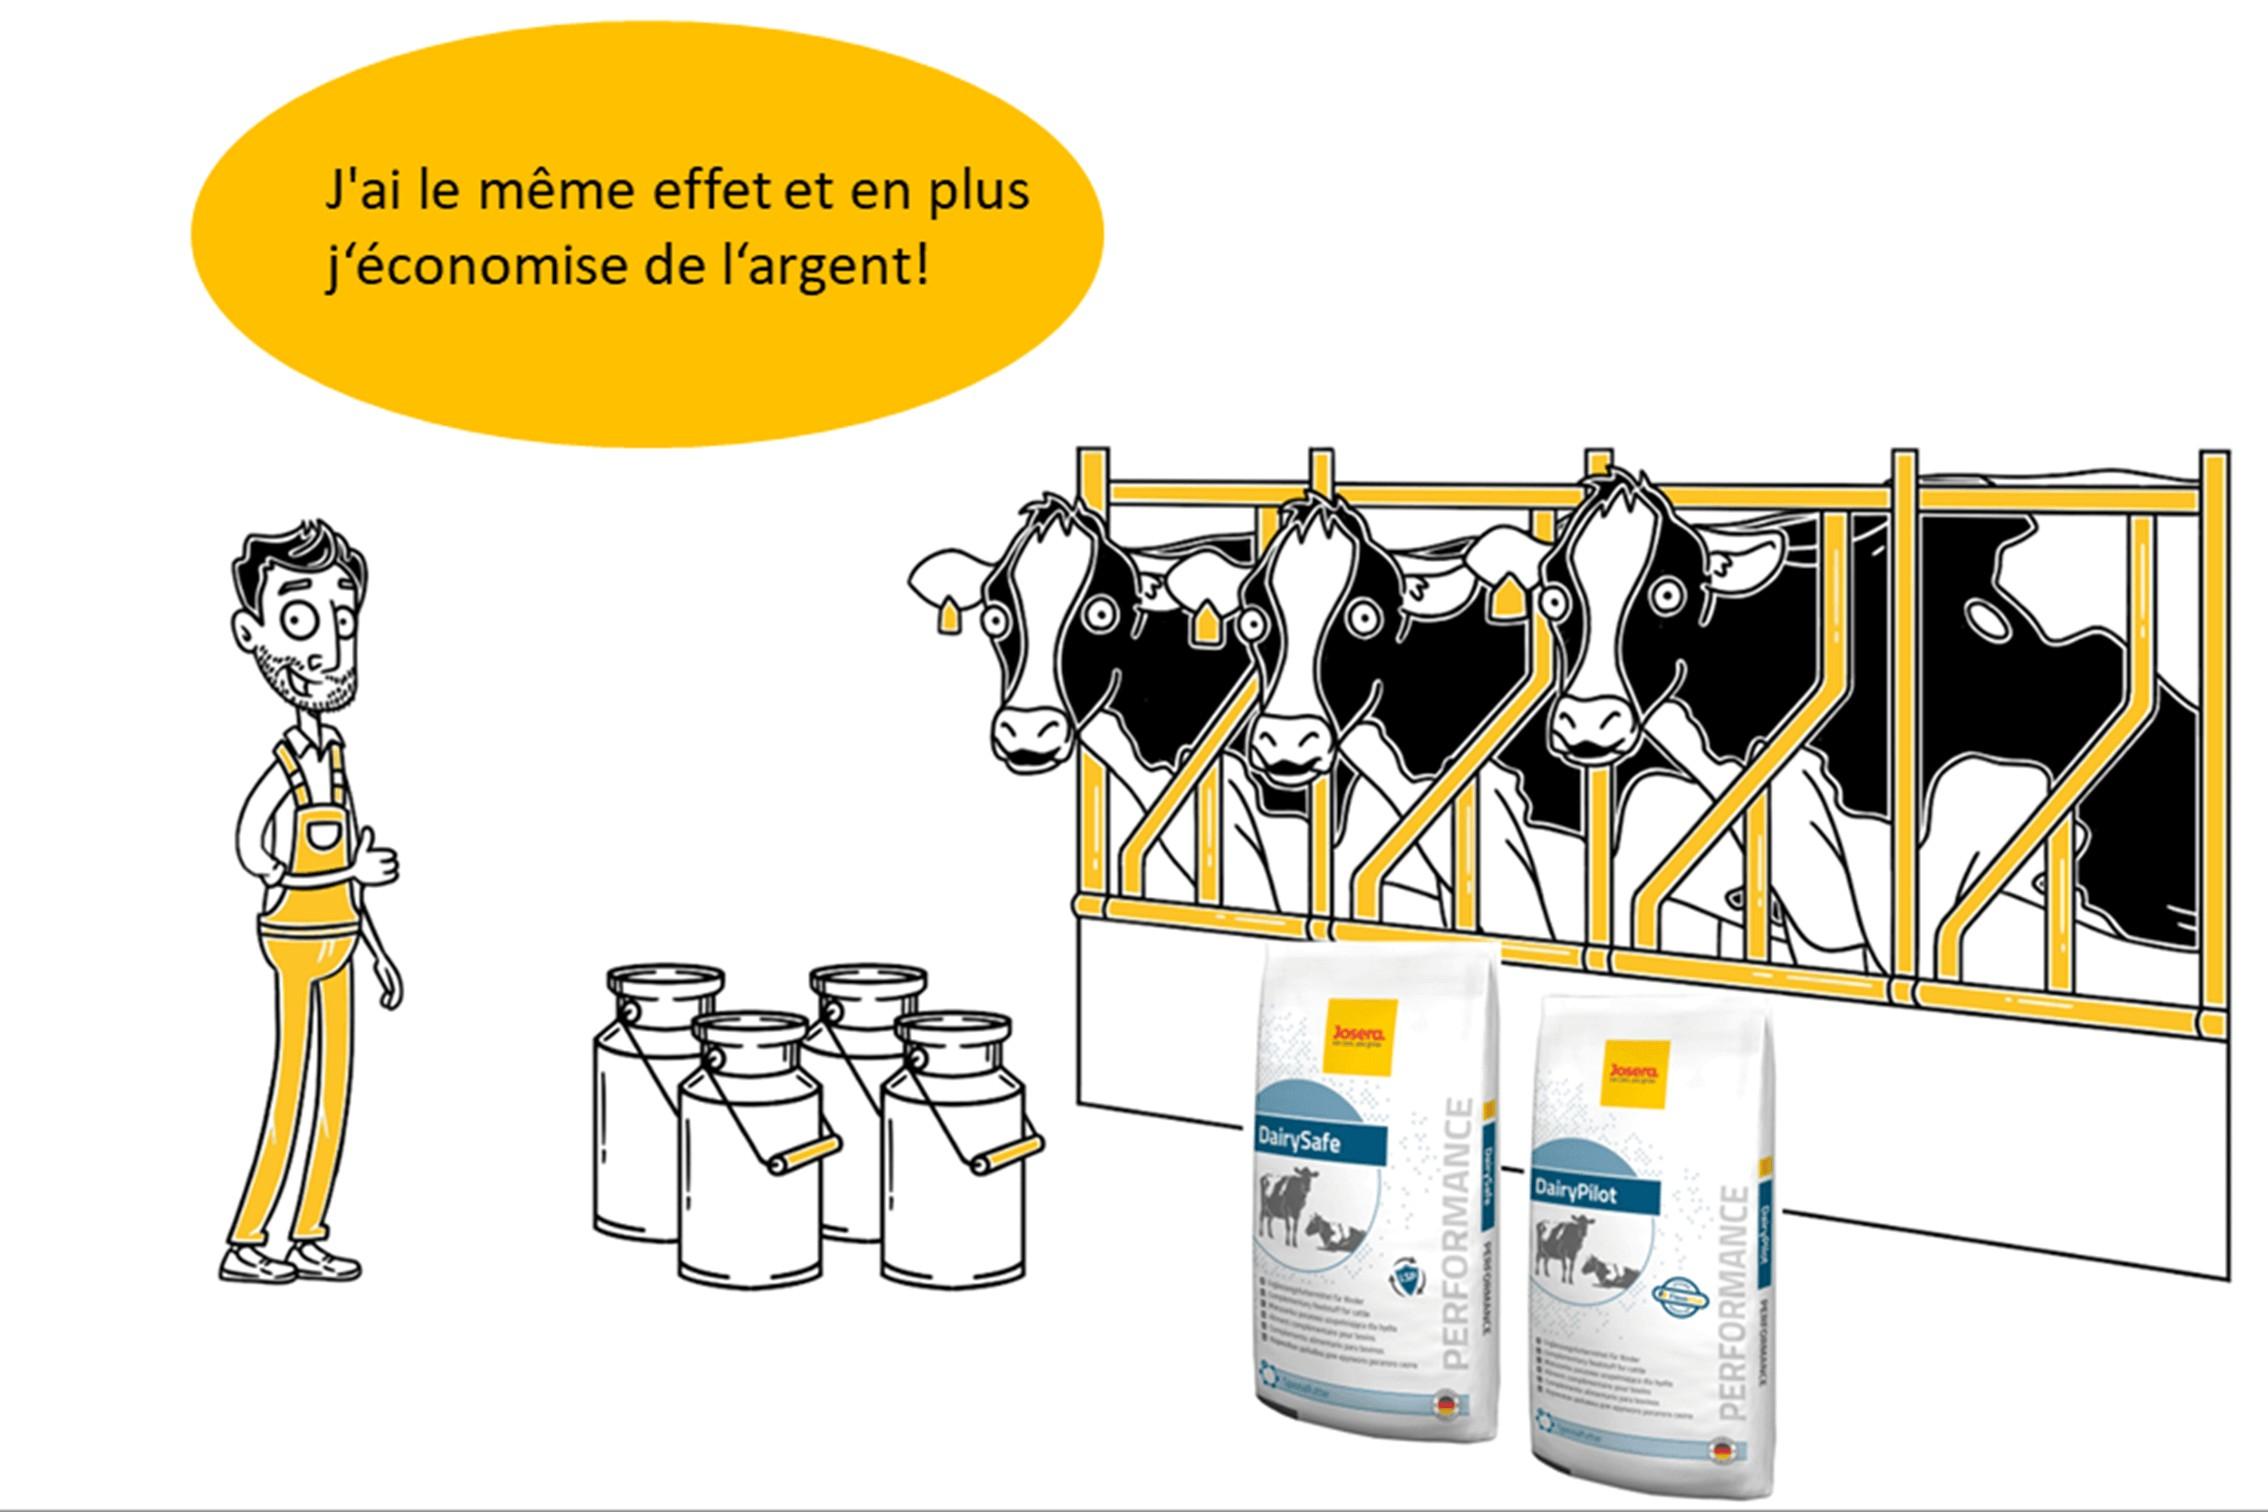 Propylène glycol chez les bovins - raisonnable ou luxe coûteux ?